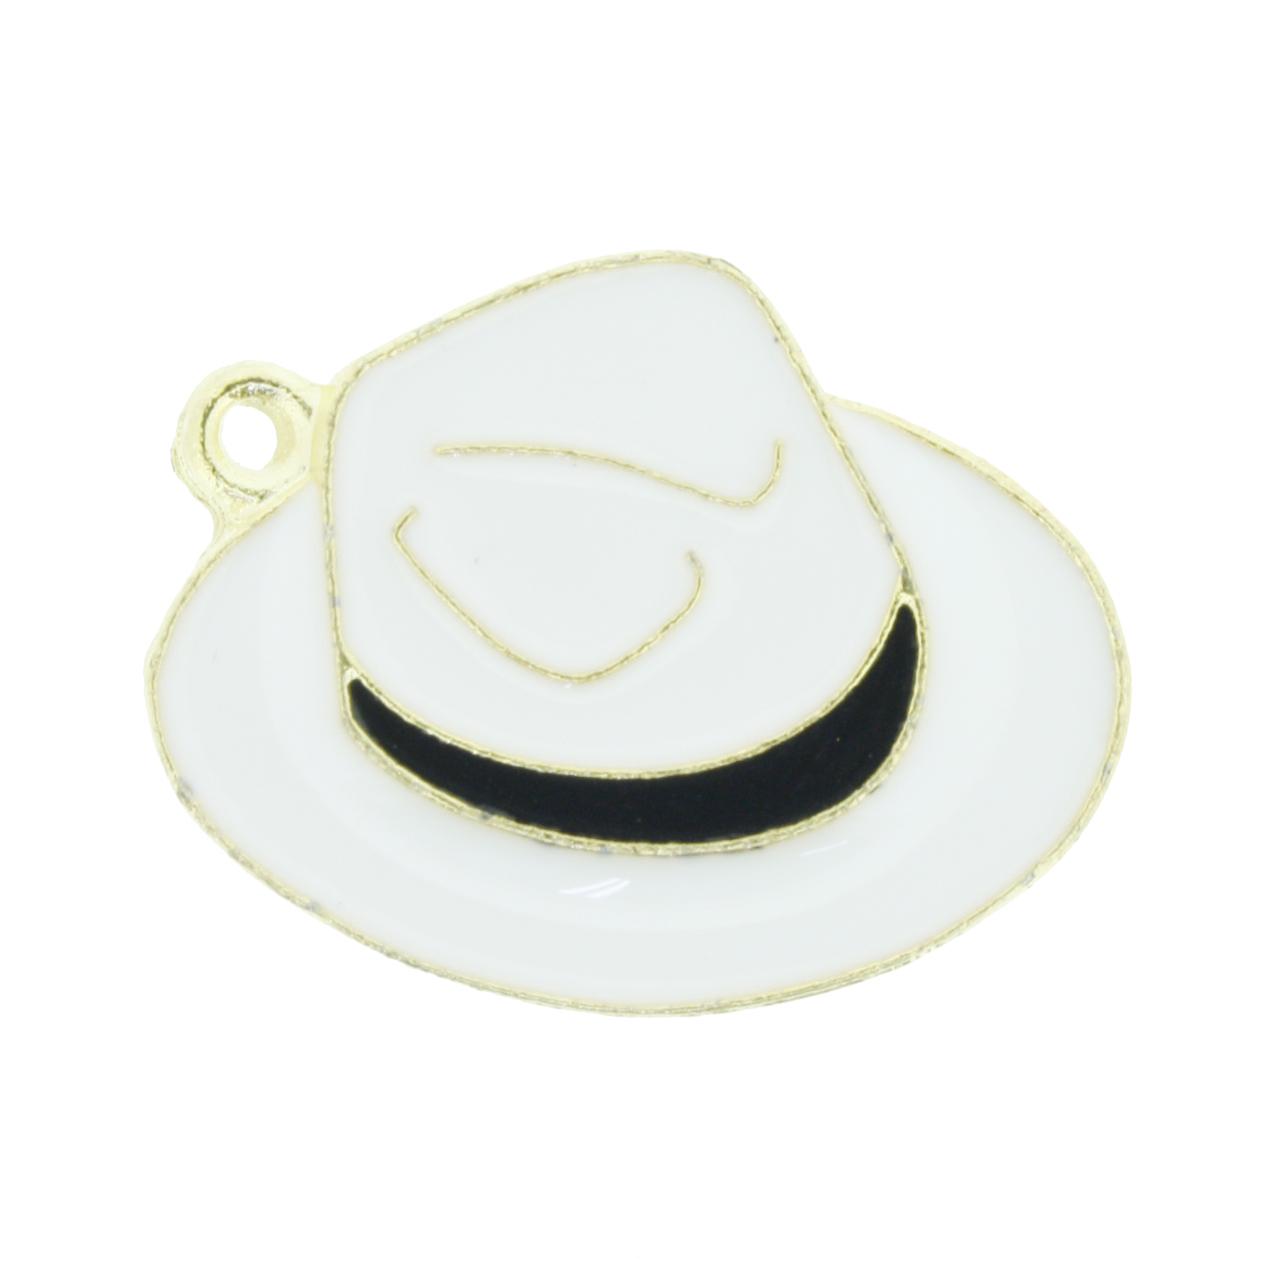 Chapéu Resinado Dourado - Branco e Preto - 22mm  - Universo Religioso® - Artigos de Umbanda e Candomblé